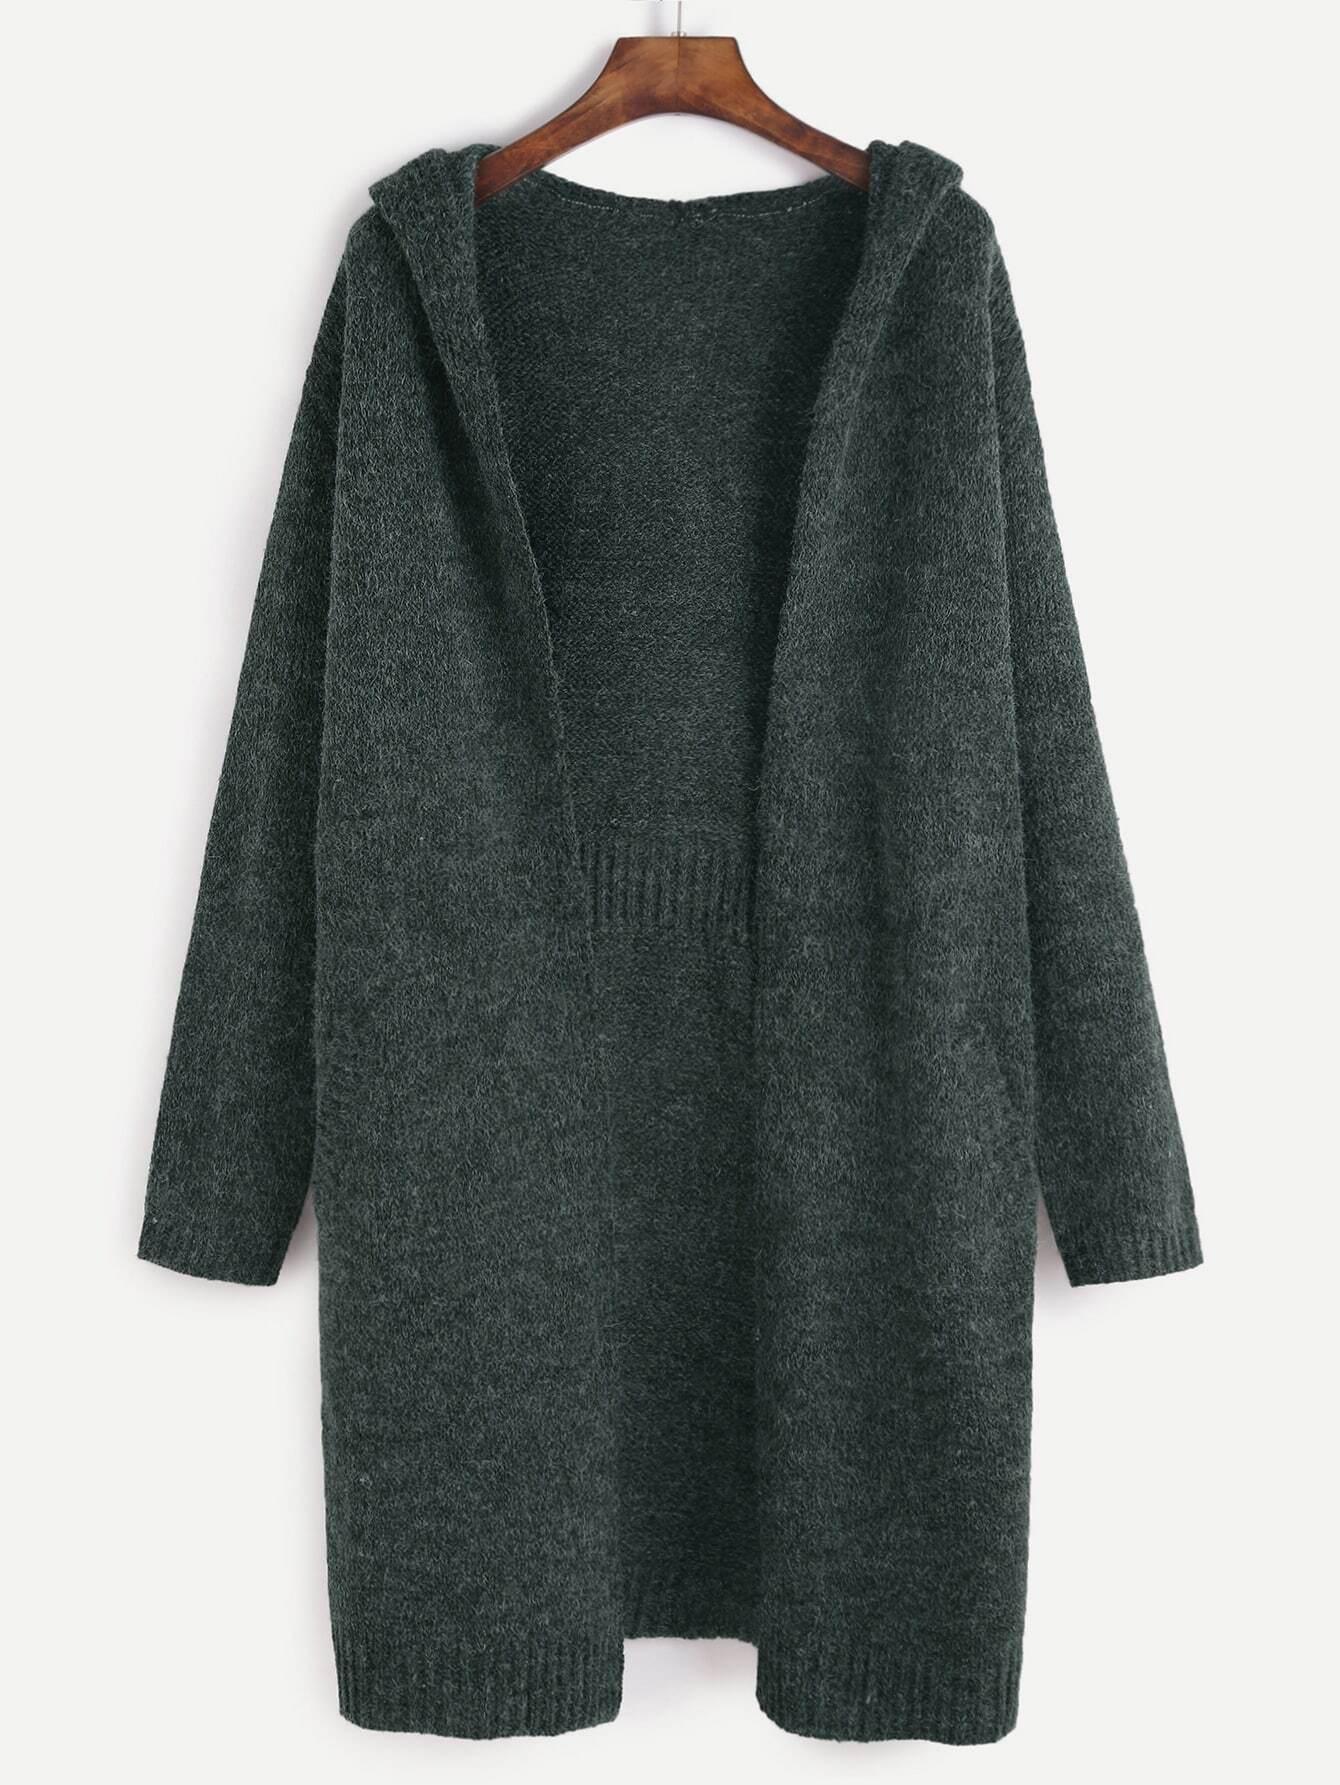 Dark Green Open Front Hooded Sweater Coat